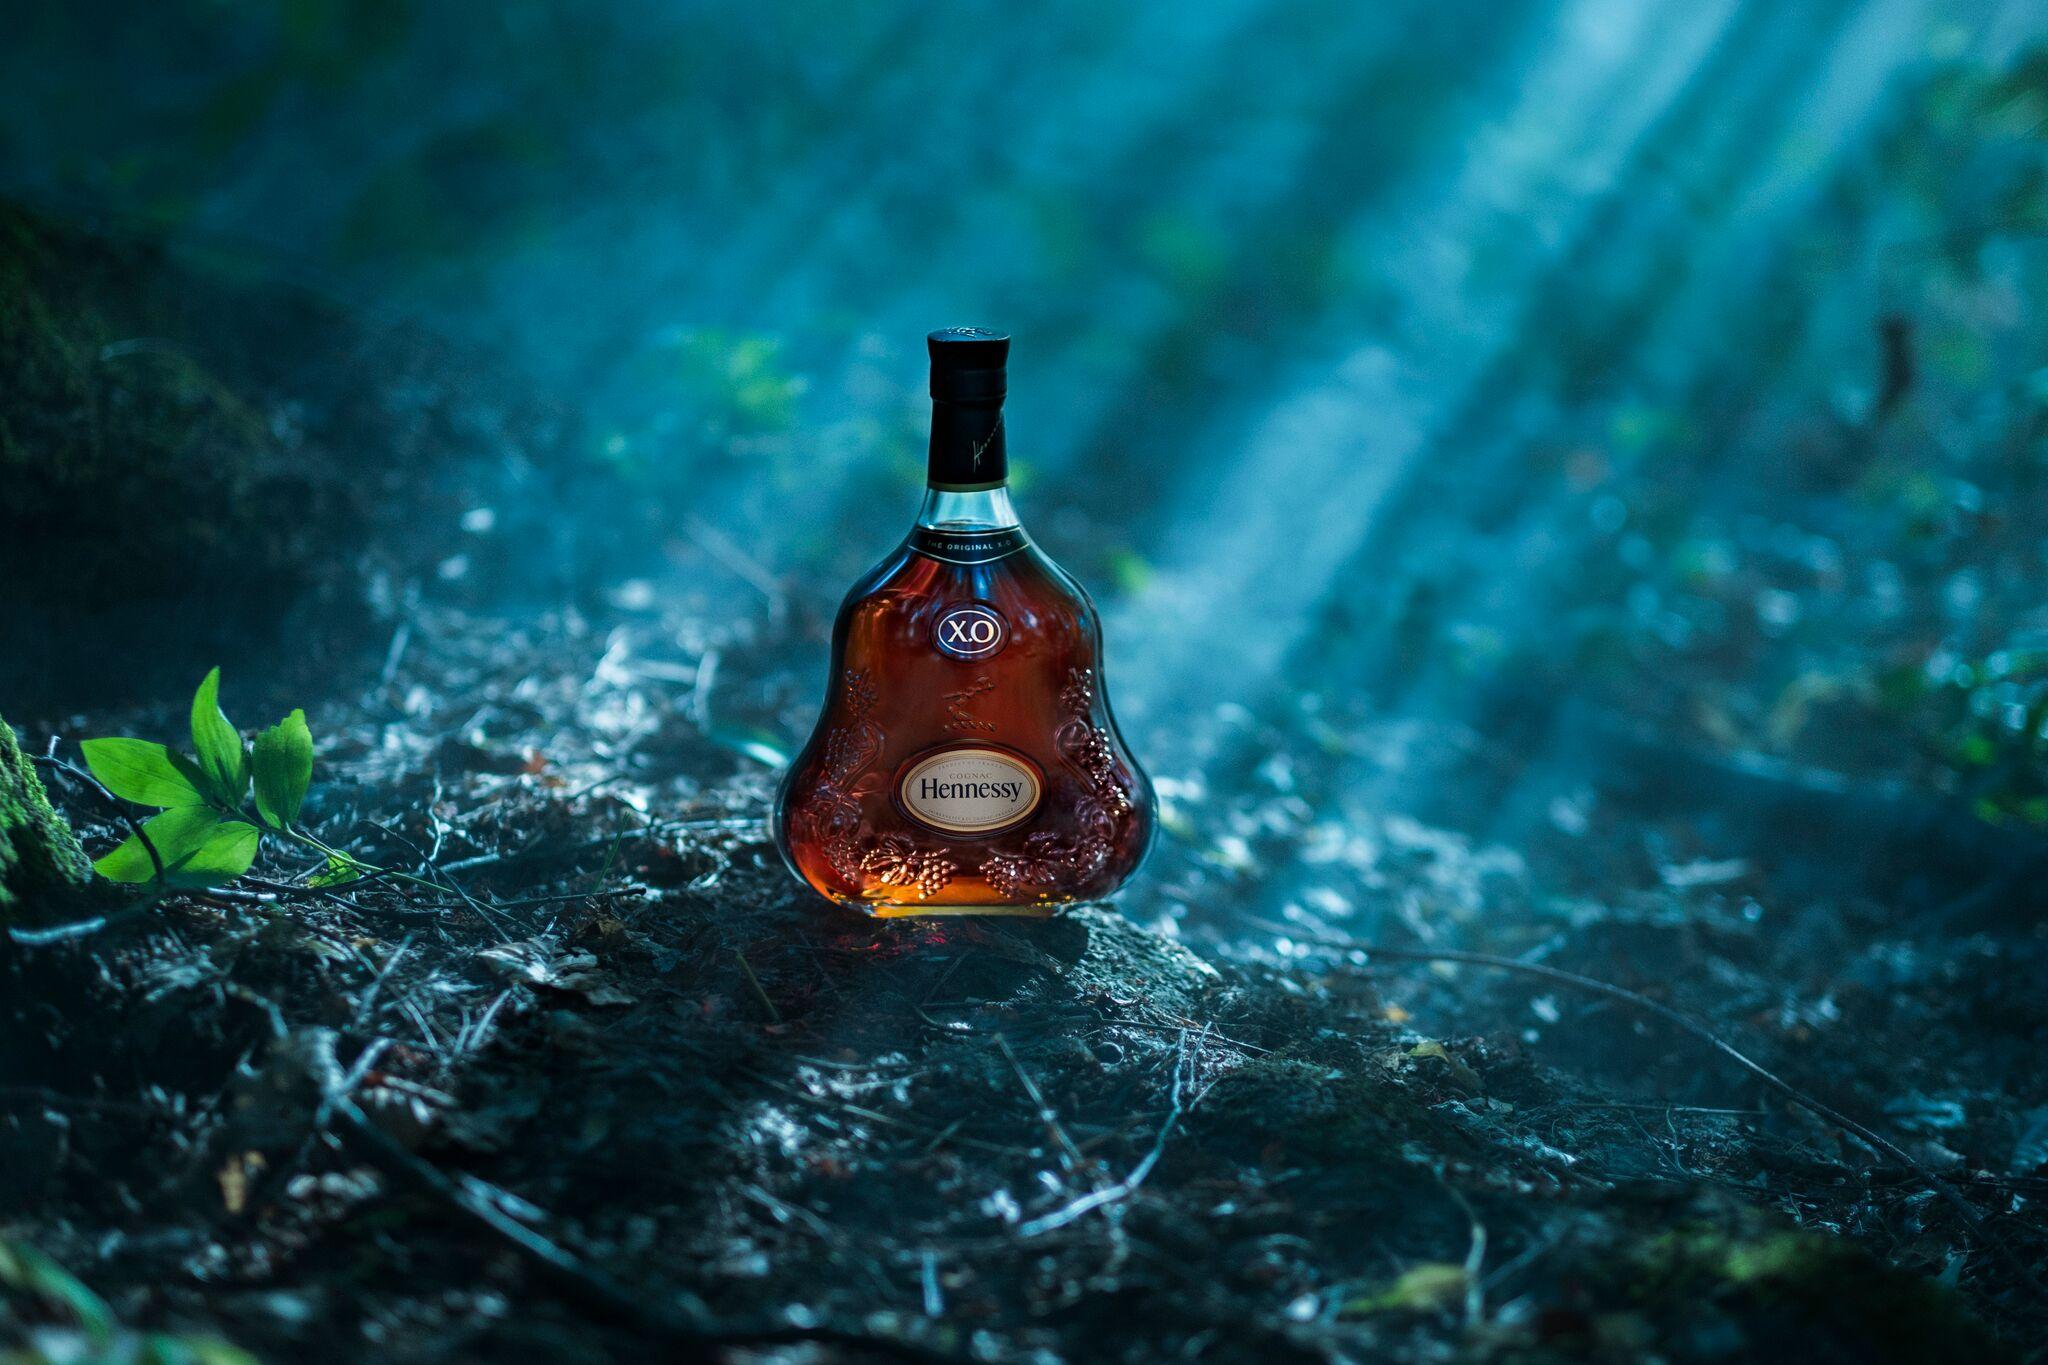 hennessey cognac